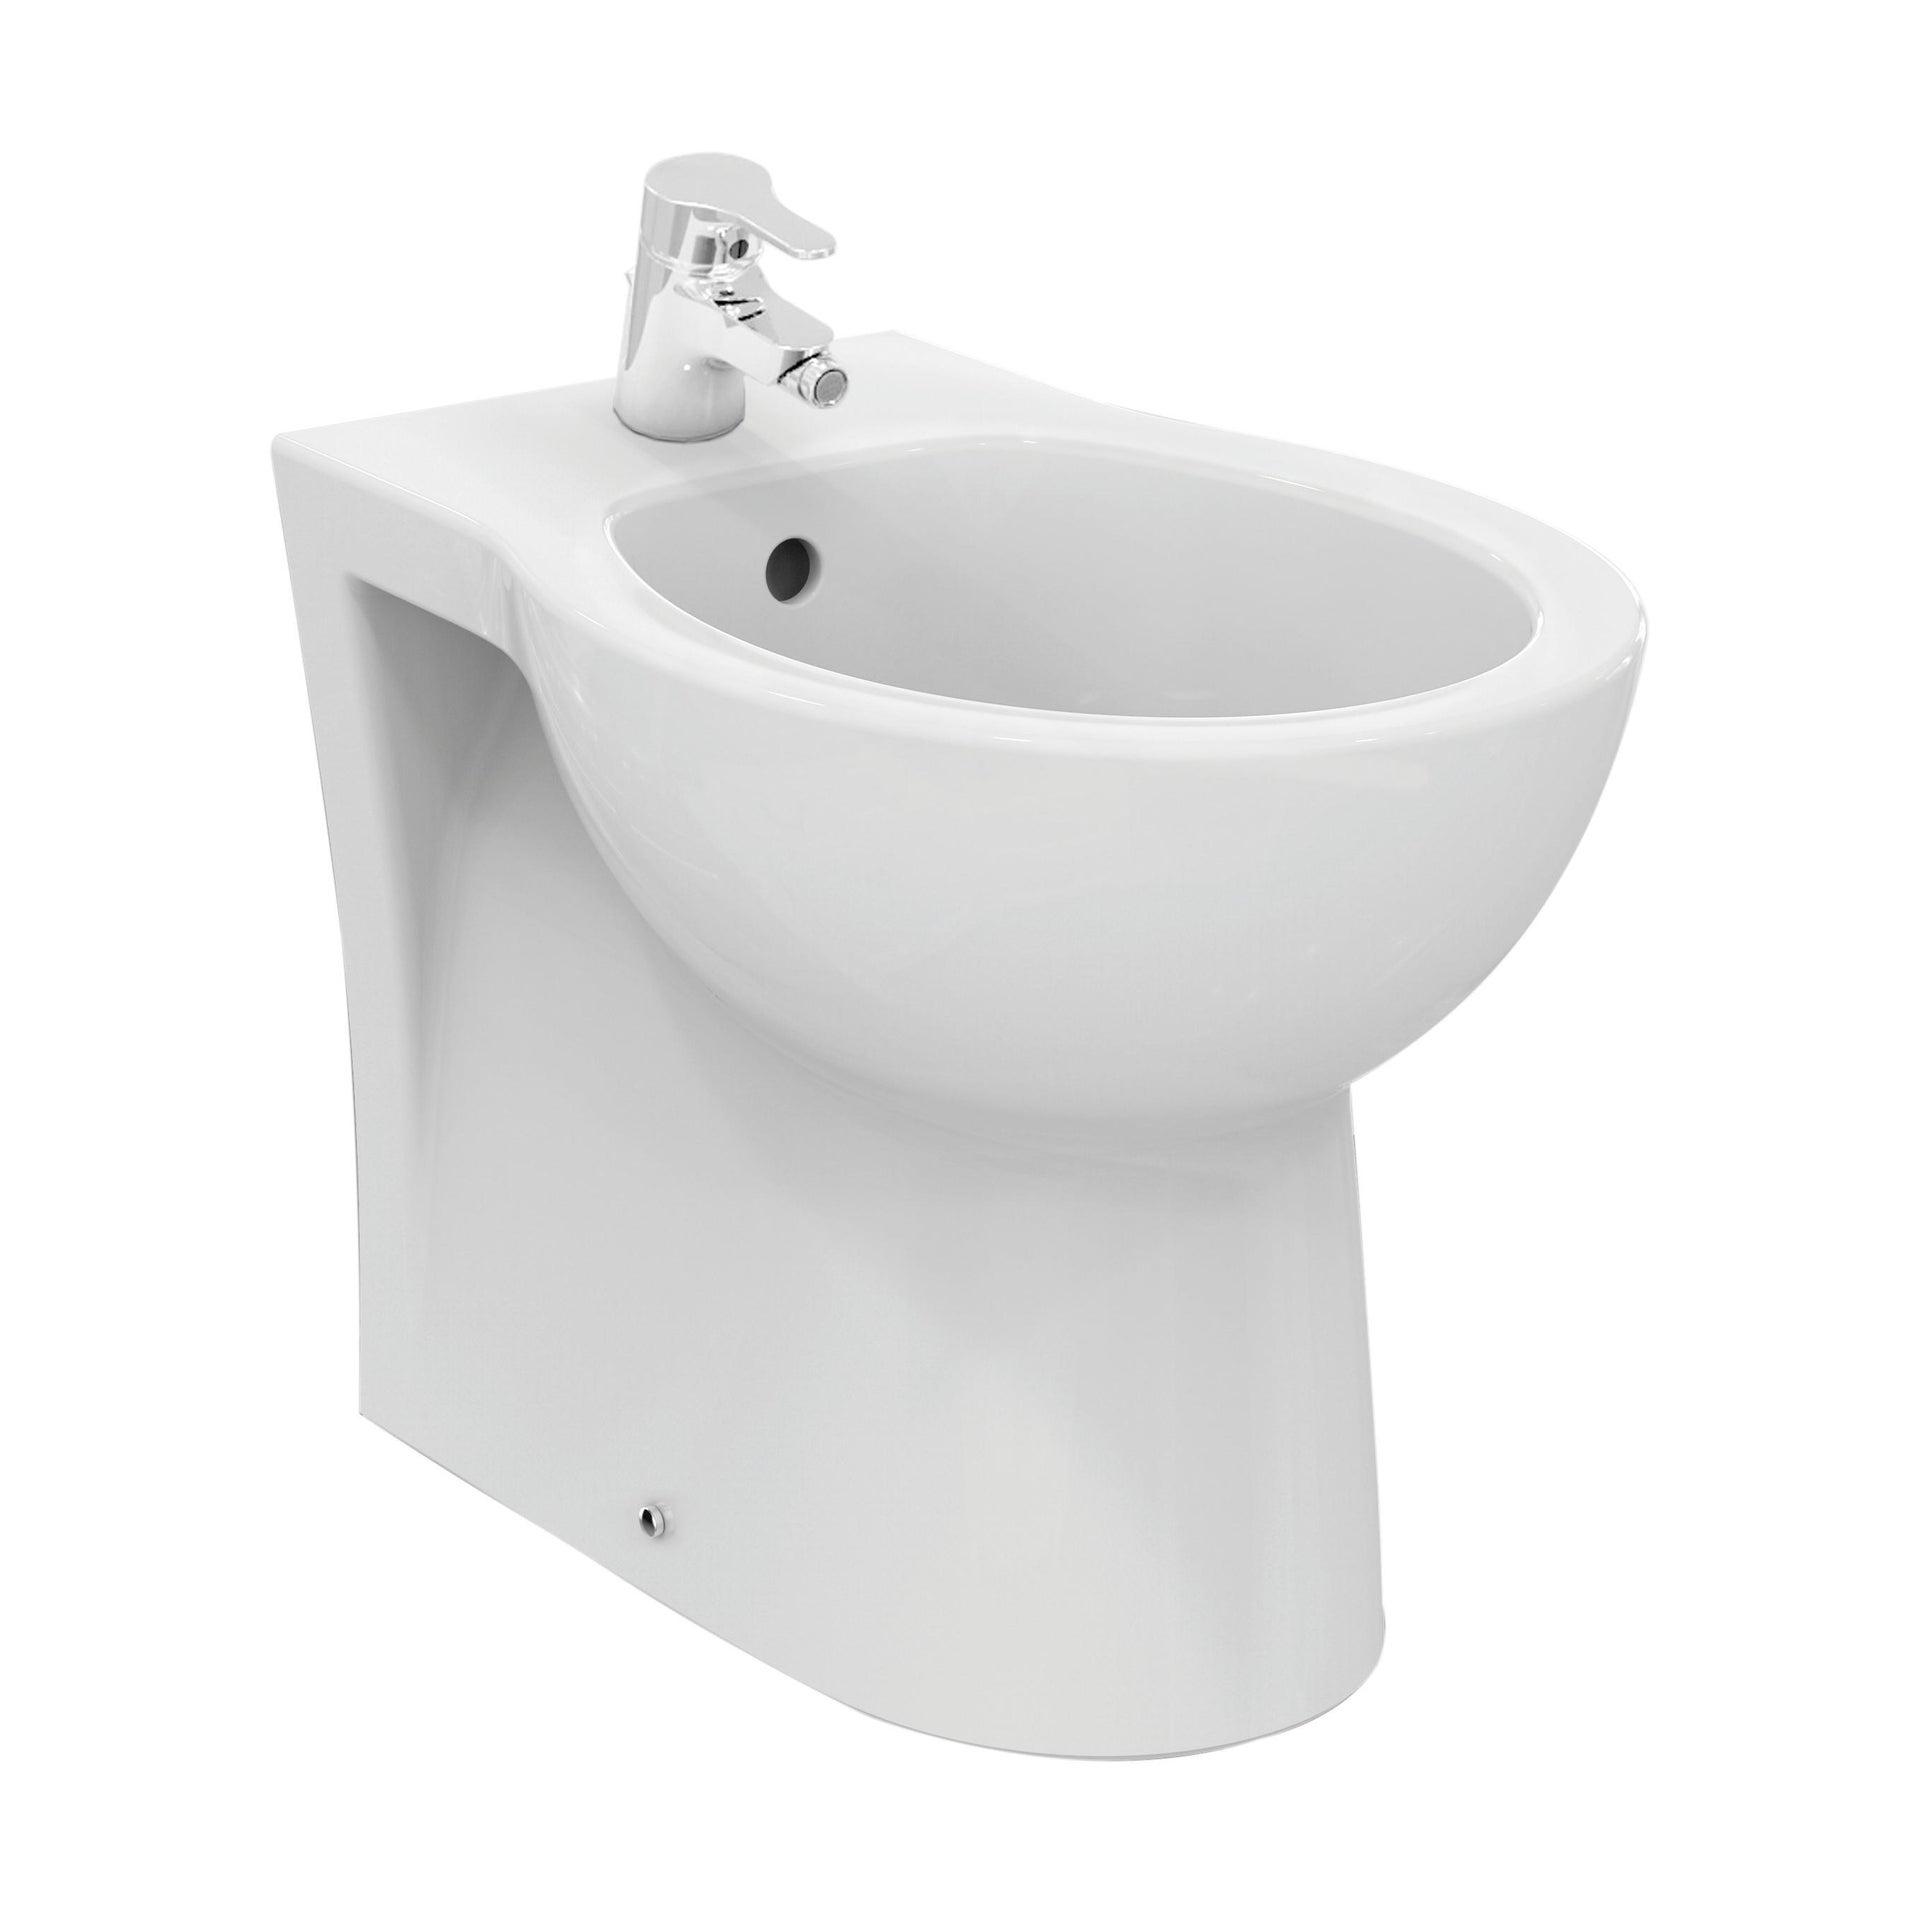 Coppia sanitari pavimento filo muro Miky New IDEAL STANDARD - 5